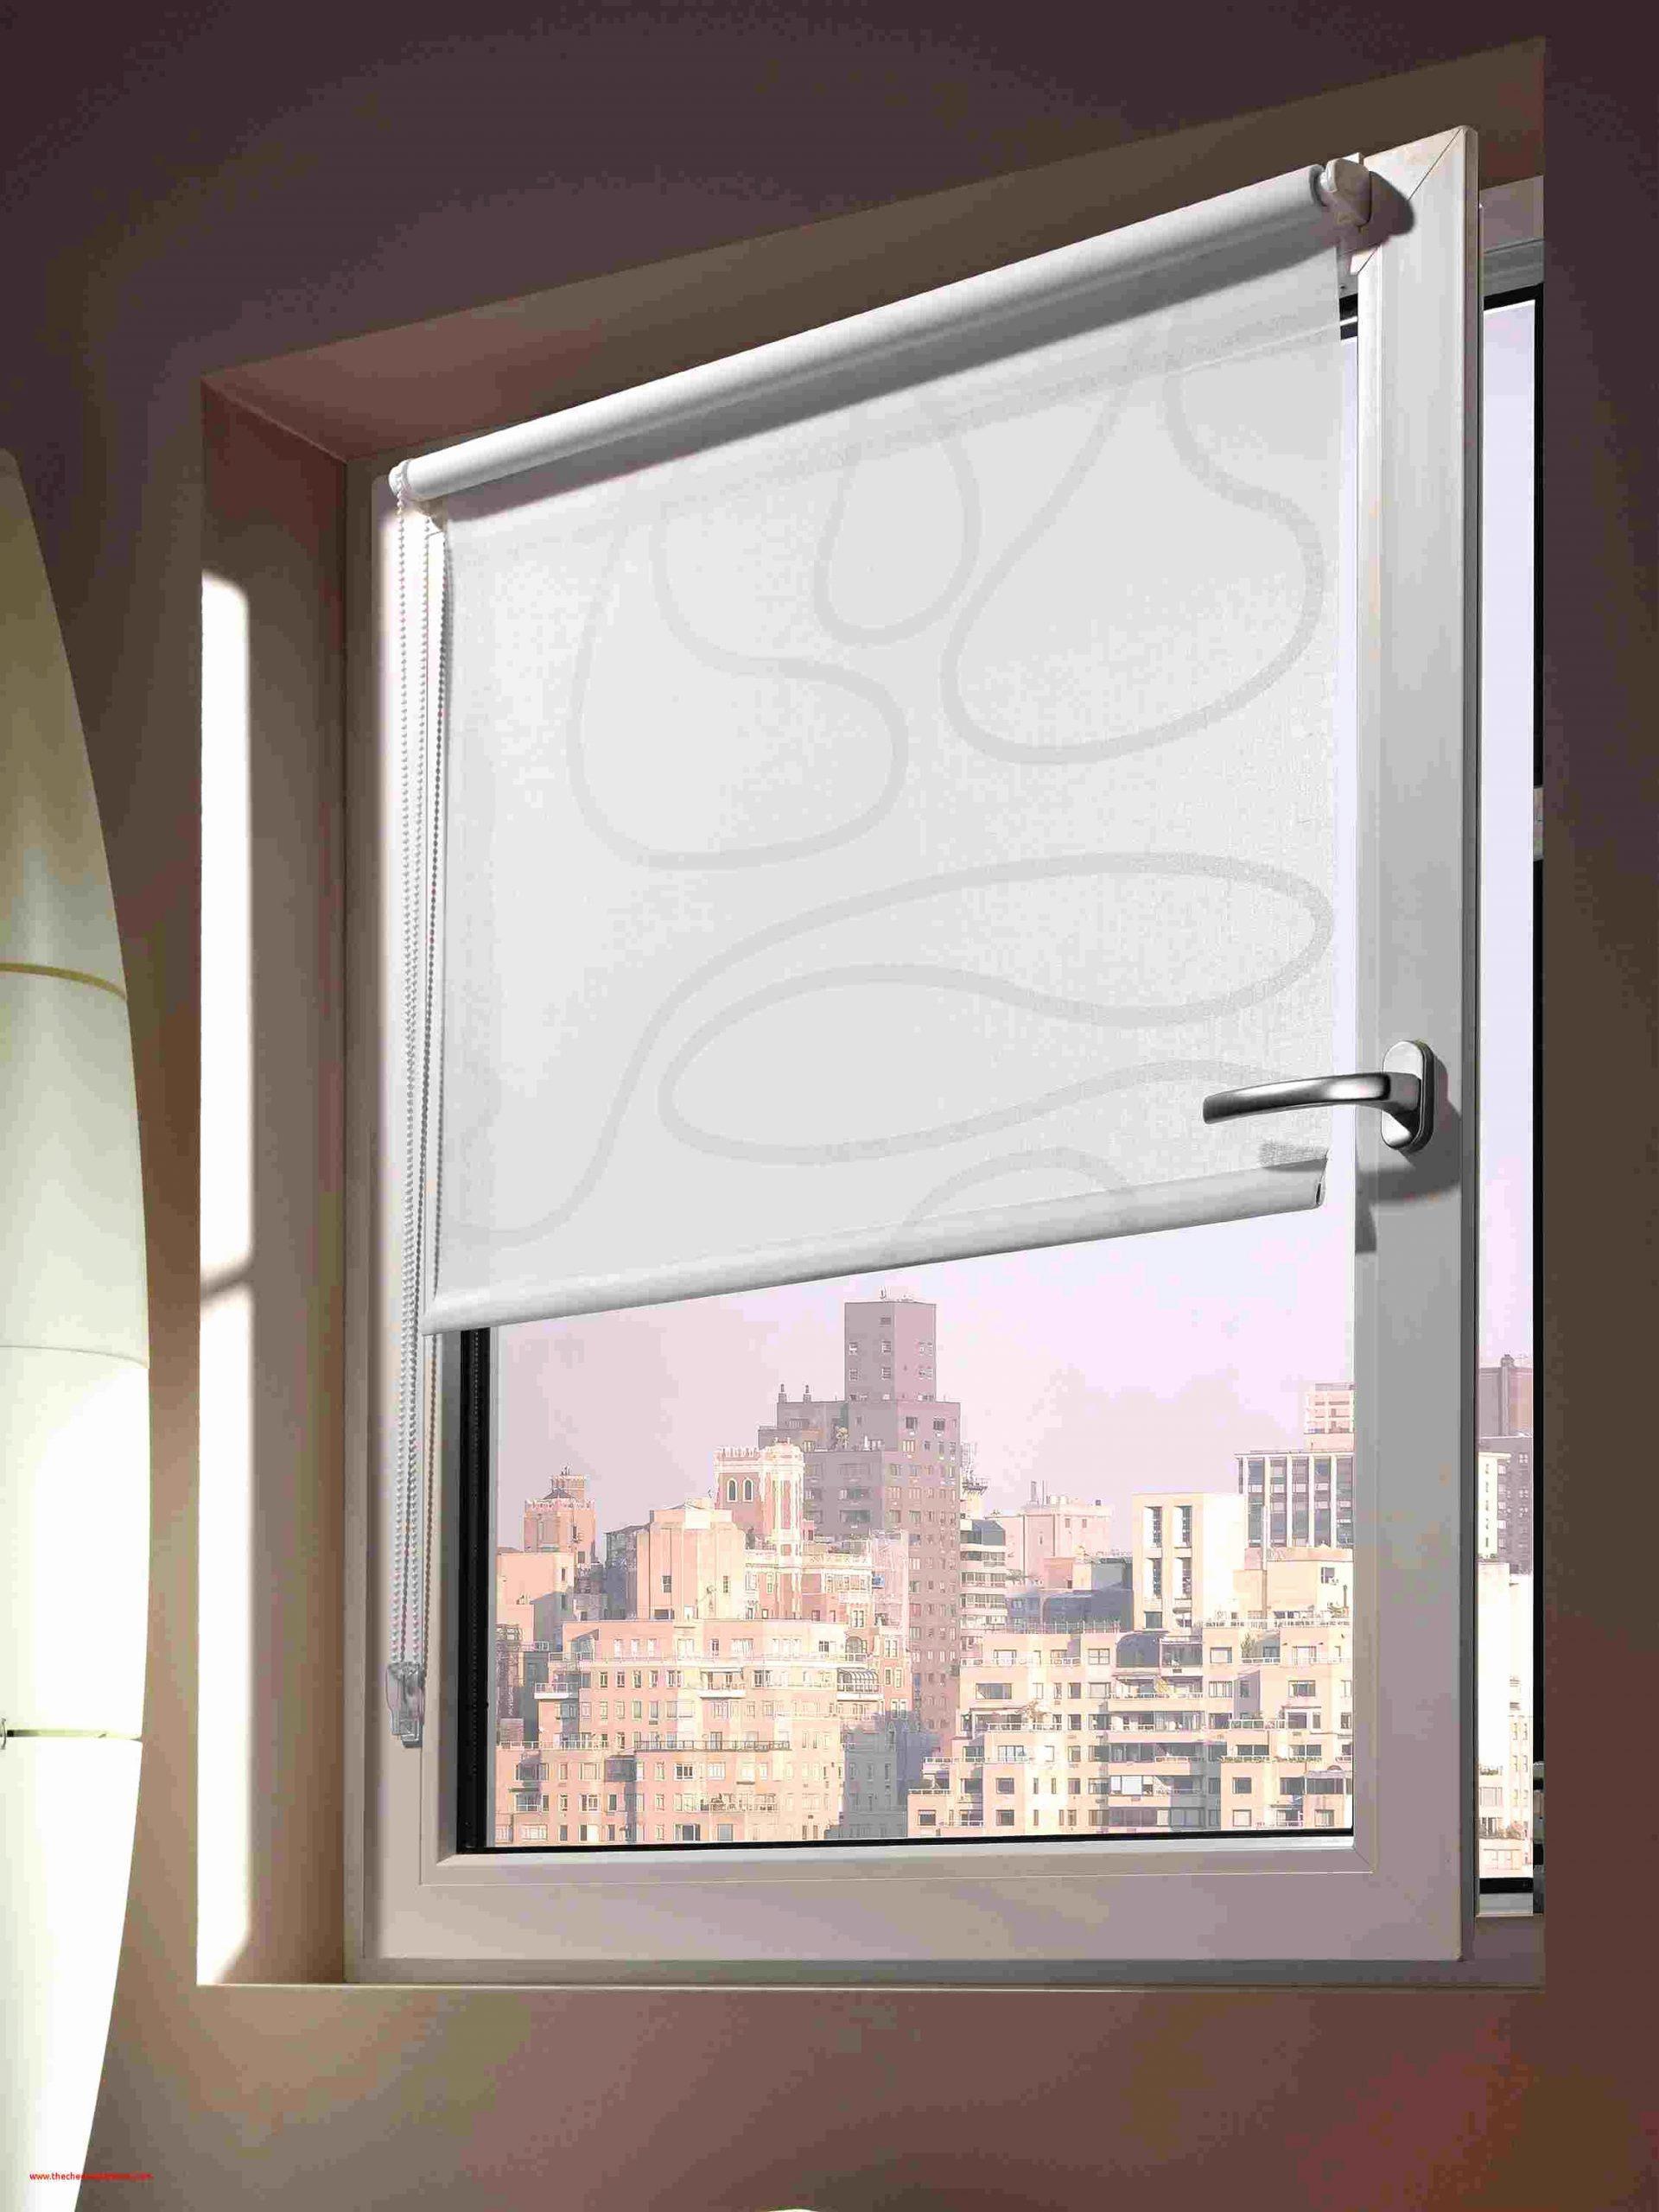 Full Size of Sonnenschutzfolie Fenster Innen Obi Entfernen Selbsthaftend Oder Aussen Baumarkt Doppelverglasung Hitzeschutzfolie Anbringen Montage Test Austauschen Kosten Fenster Sonnenschutzfolie Fenster Innen